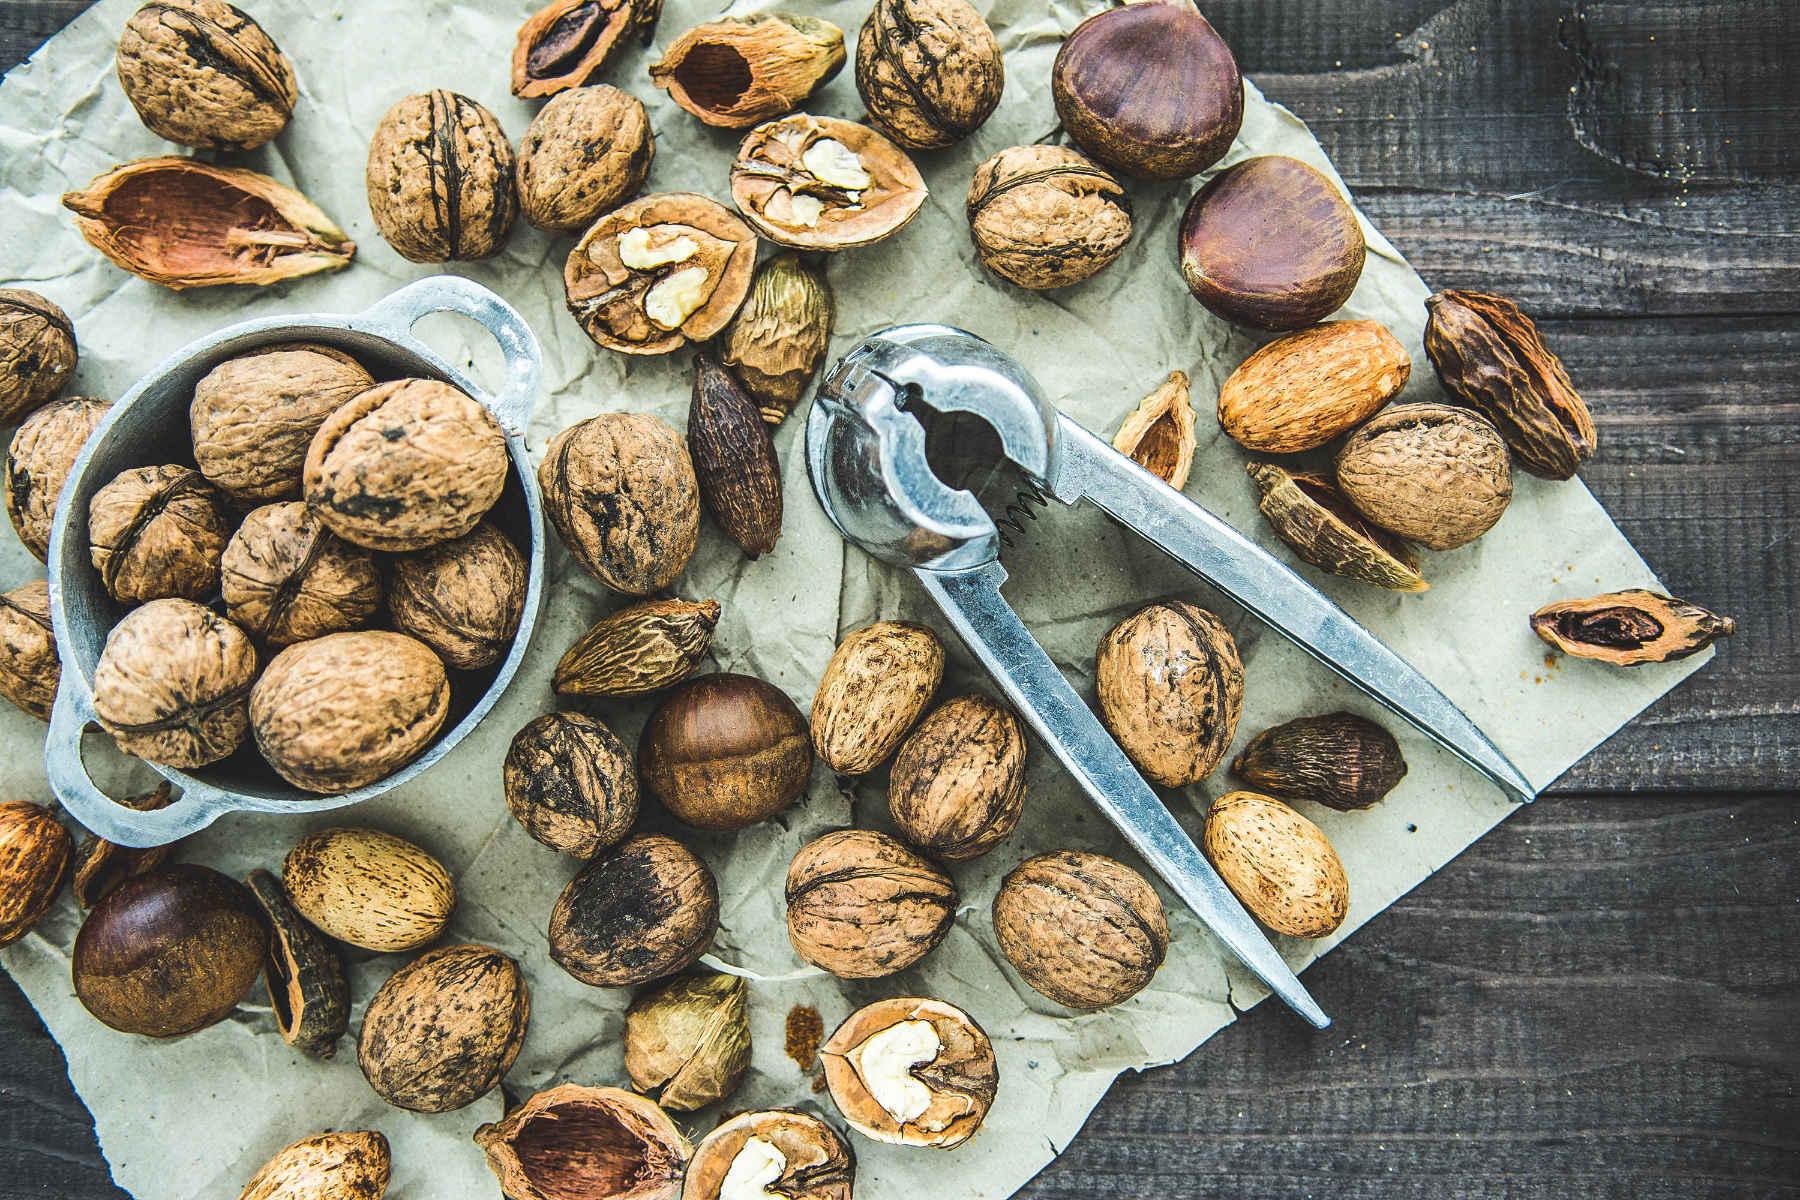 Les bienfaits des noix sur le microbiome intestinal et la santé